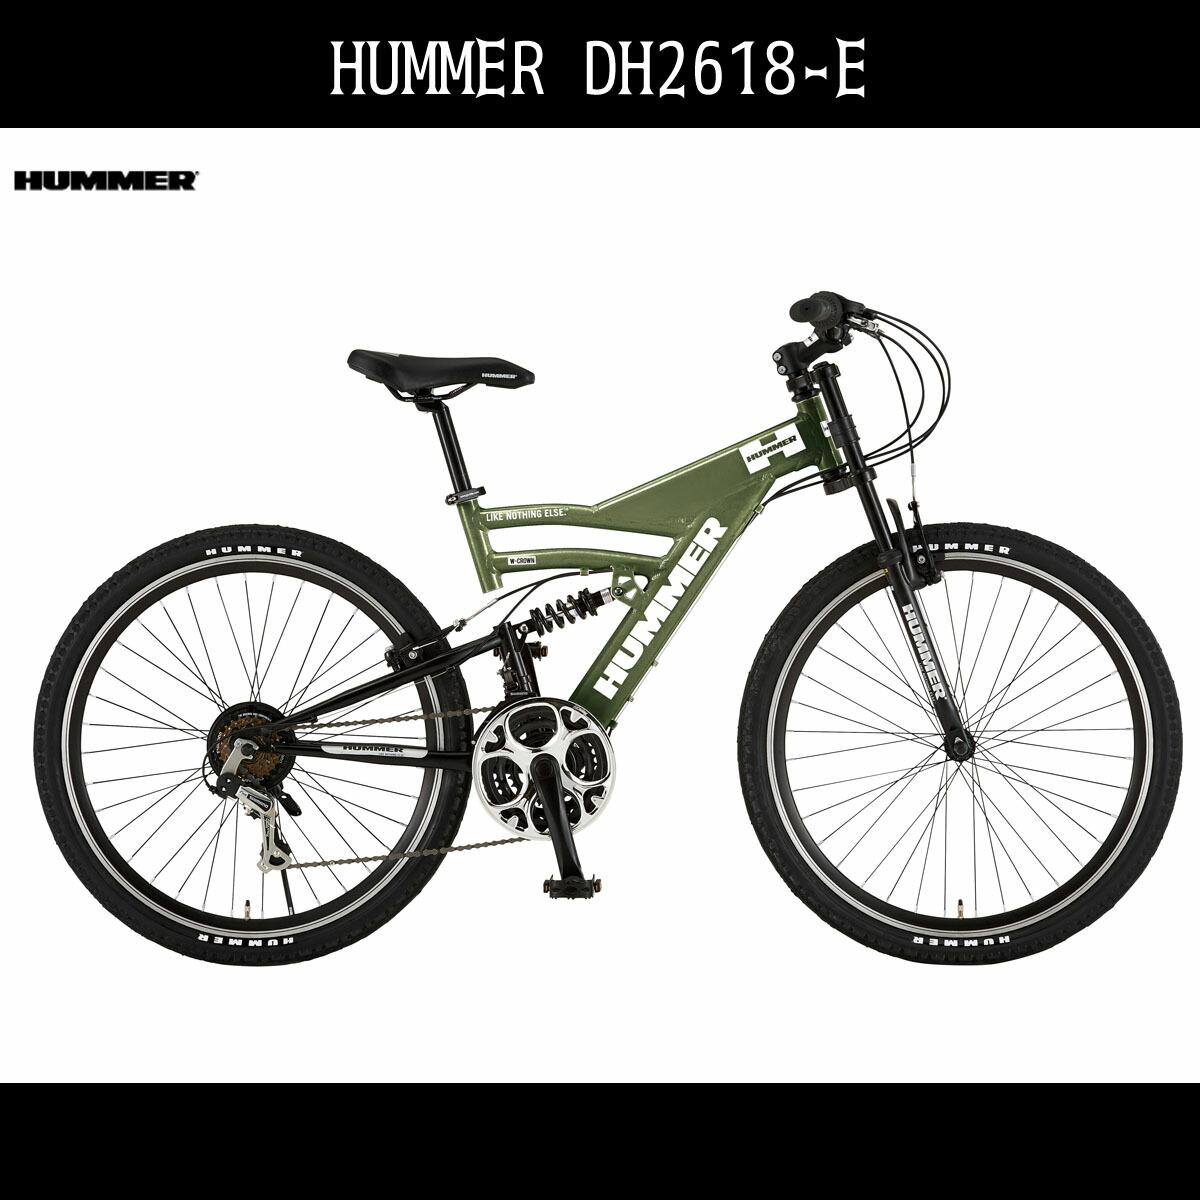 マウンテンバイク ハマー HUMMER 自転車 グリーン 緑26インチ 自転車 外装18段変速ギア アルミニウム MTB マウンテンバイク ハマー 自転車 DH2618-E アルミニウム 激安 格安